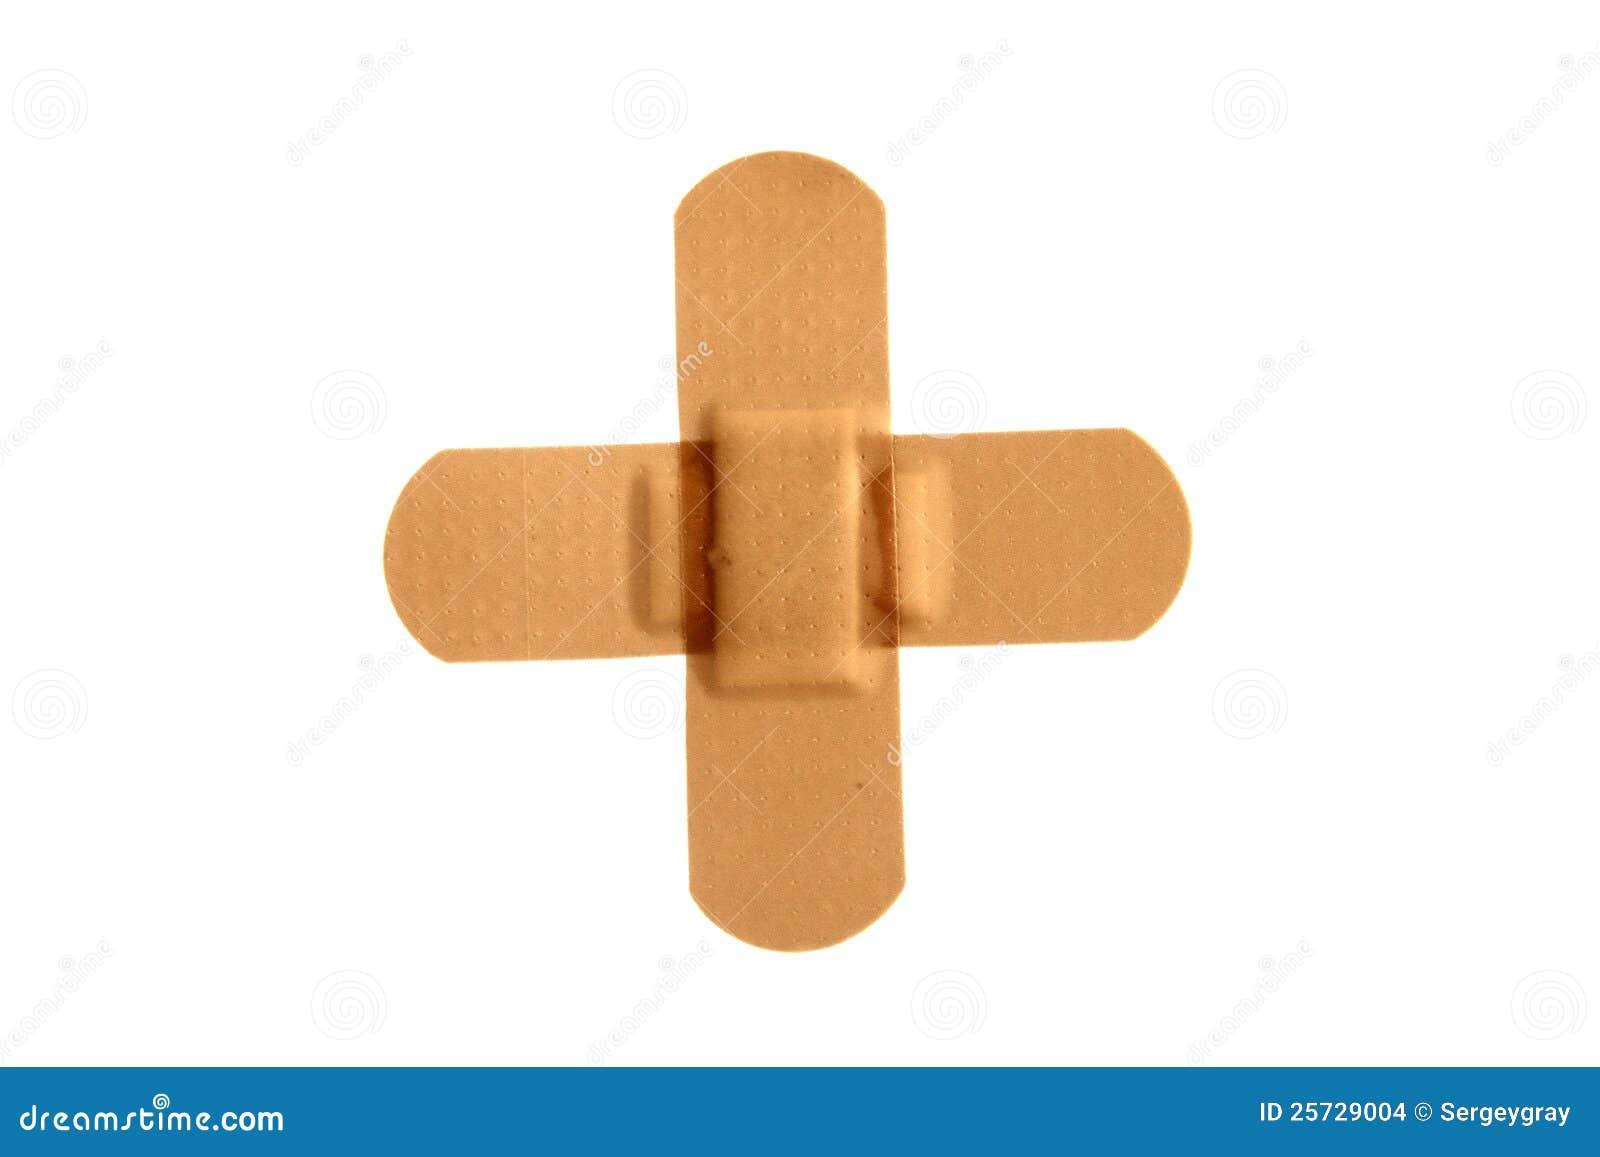 Adhesive bandage on a white background